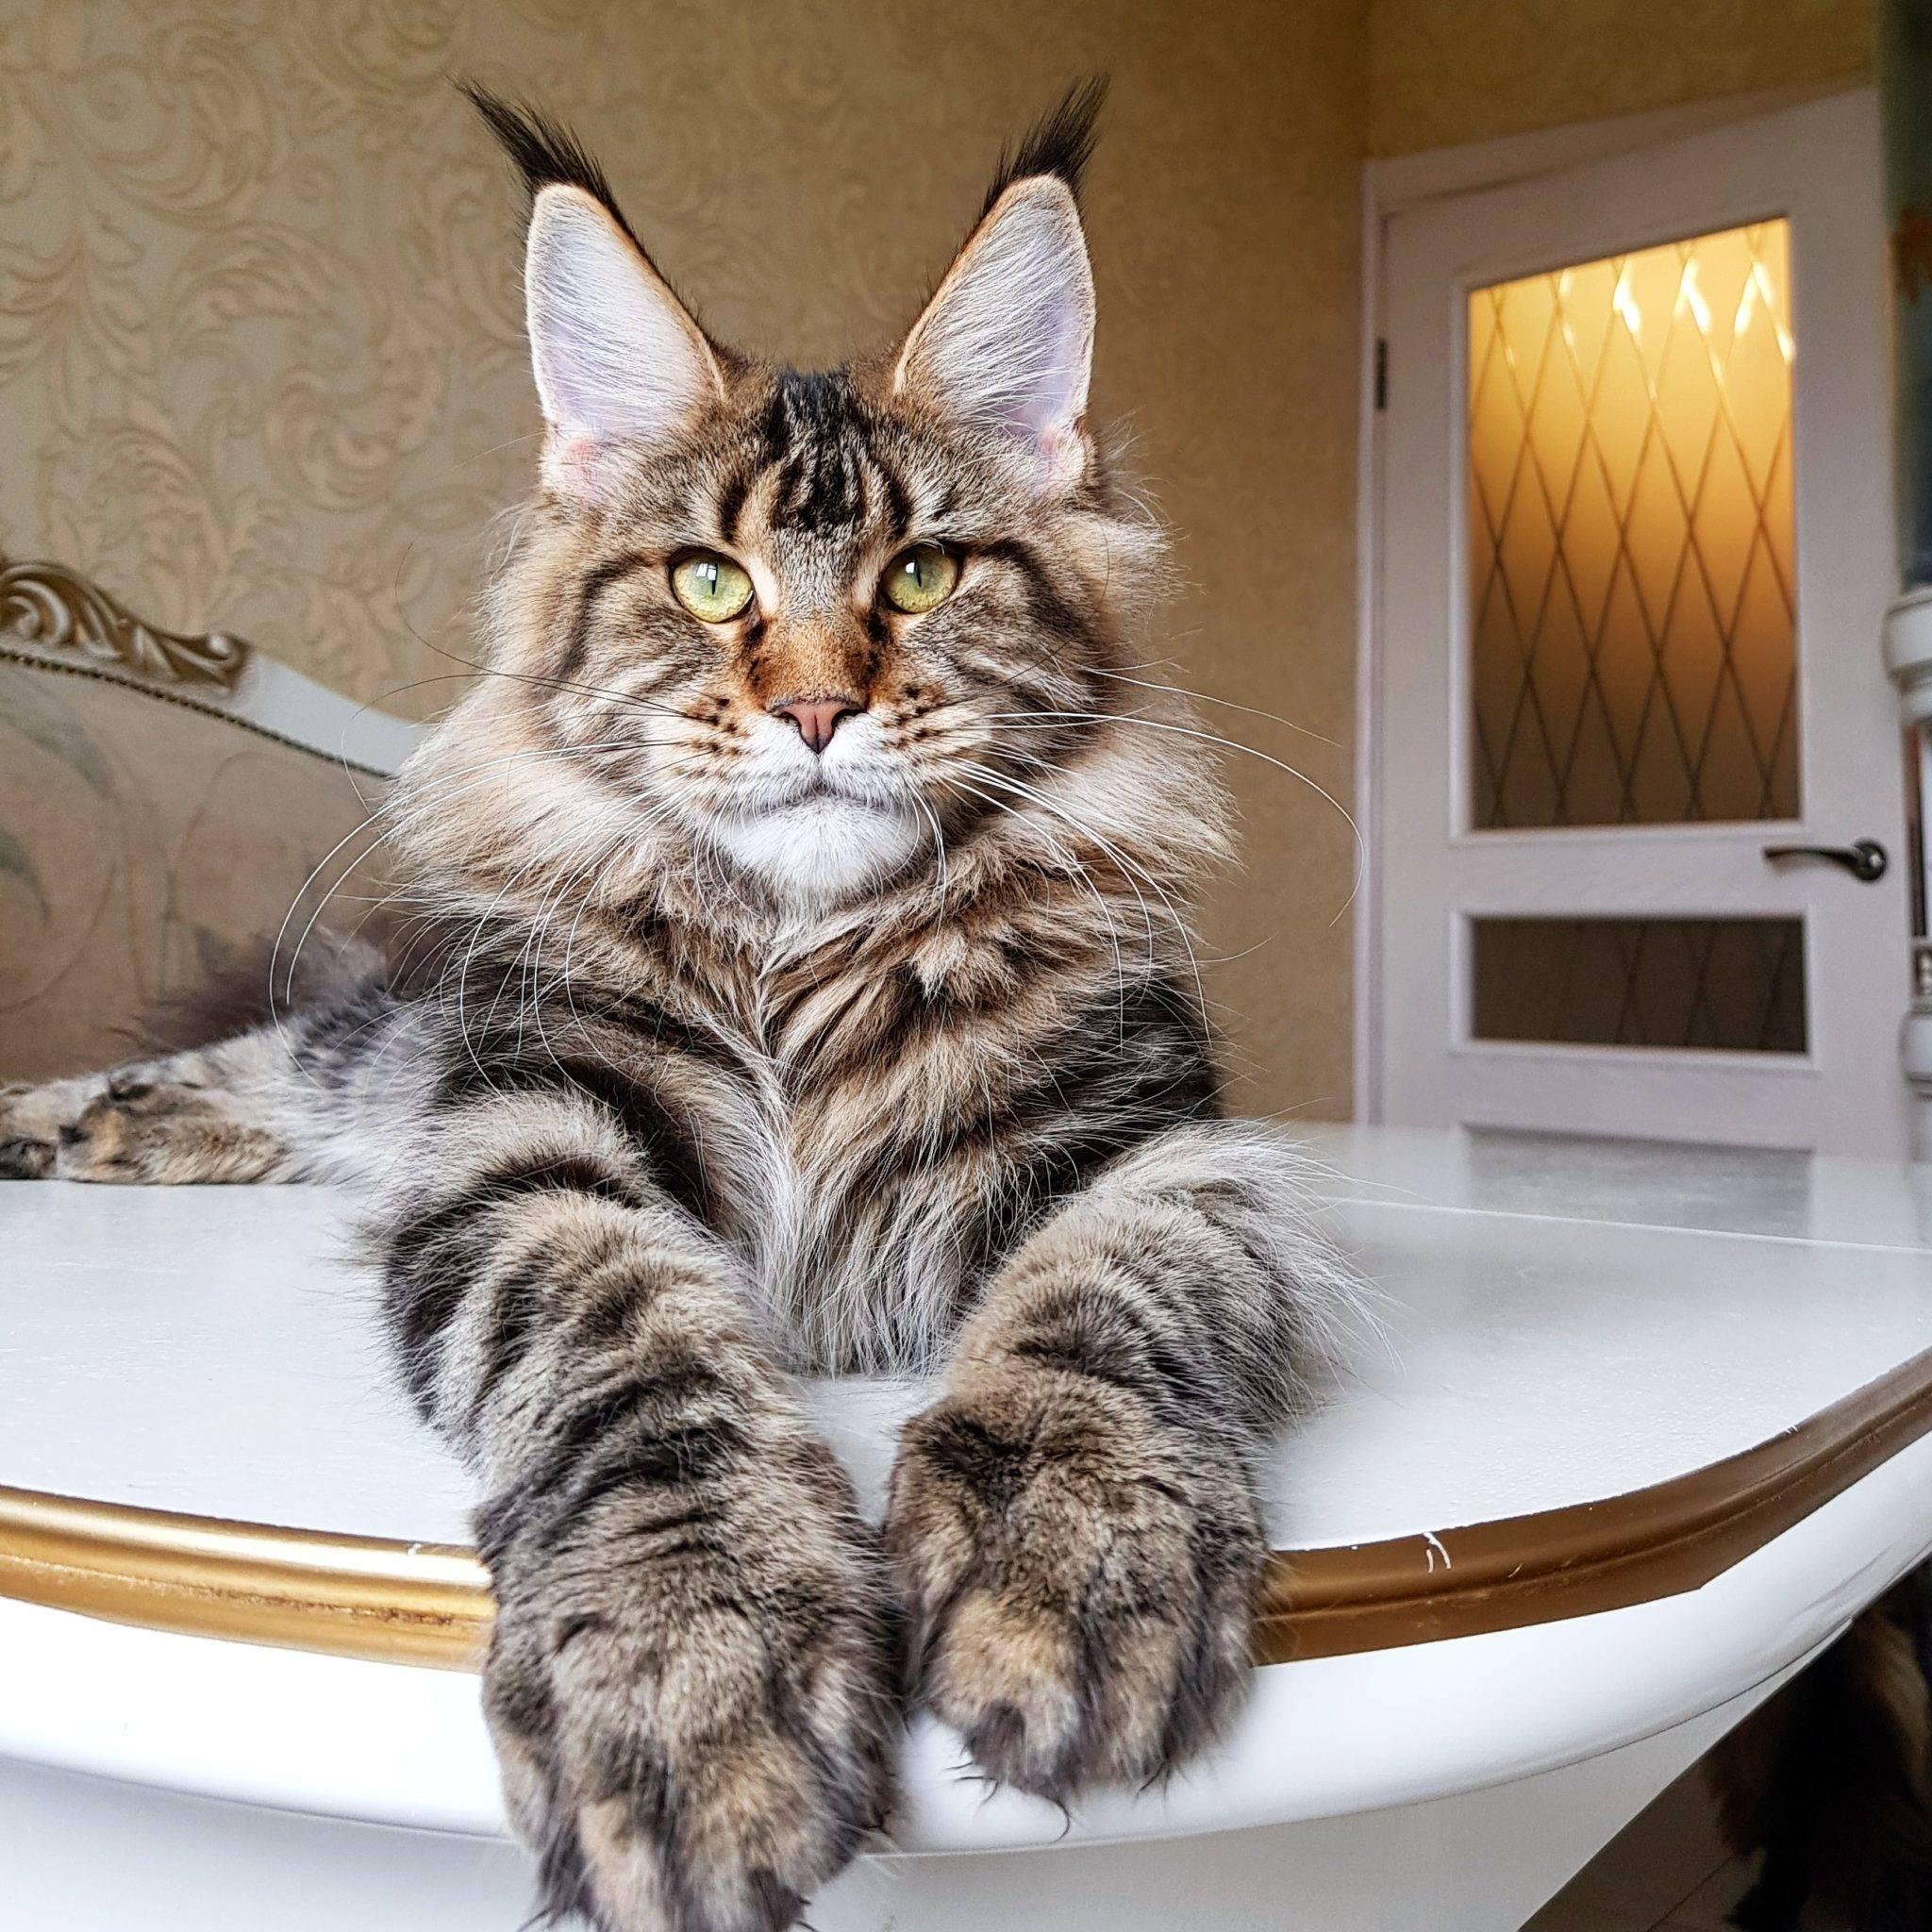 Кошка с кисточками на ушах: порода, фото | дикая и домашняя, большая